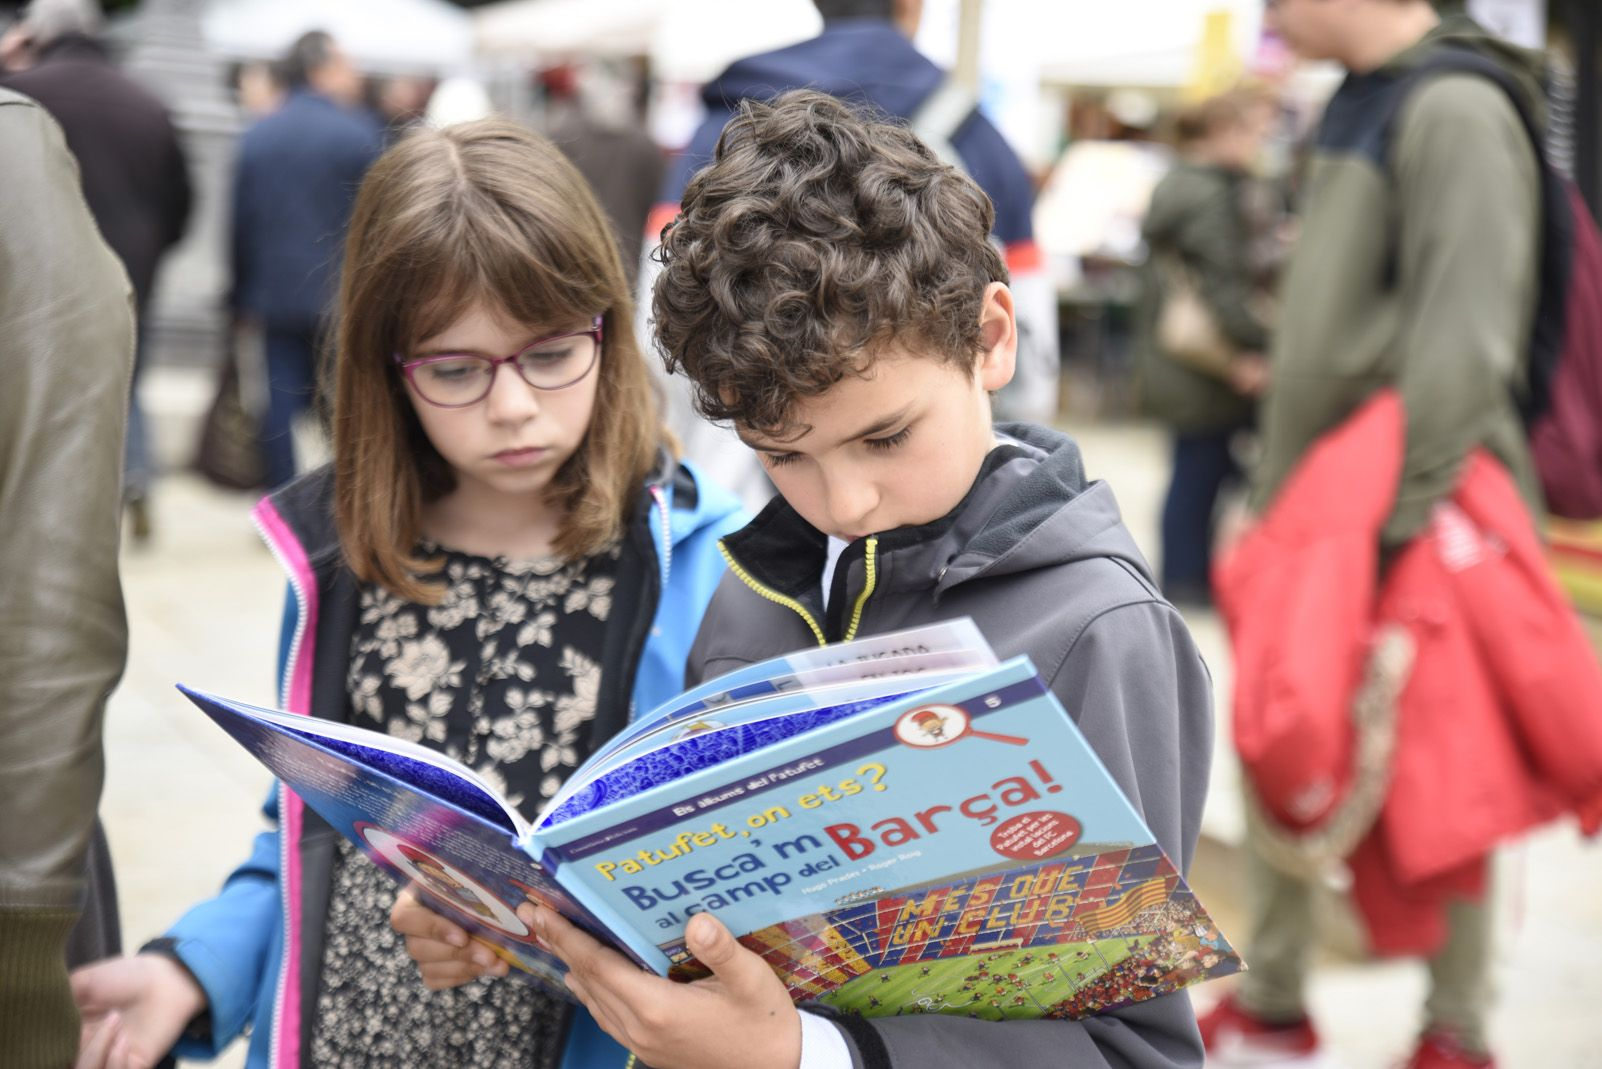 Els menuts mirant llibre per Sant Jordi. Foto: Bernat Millet.